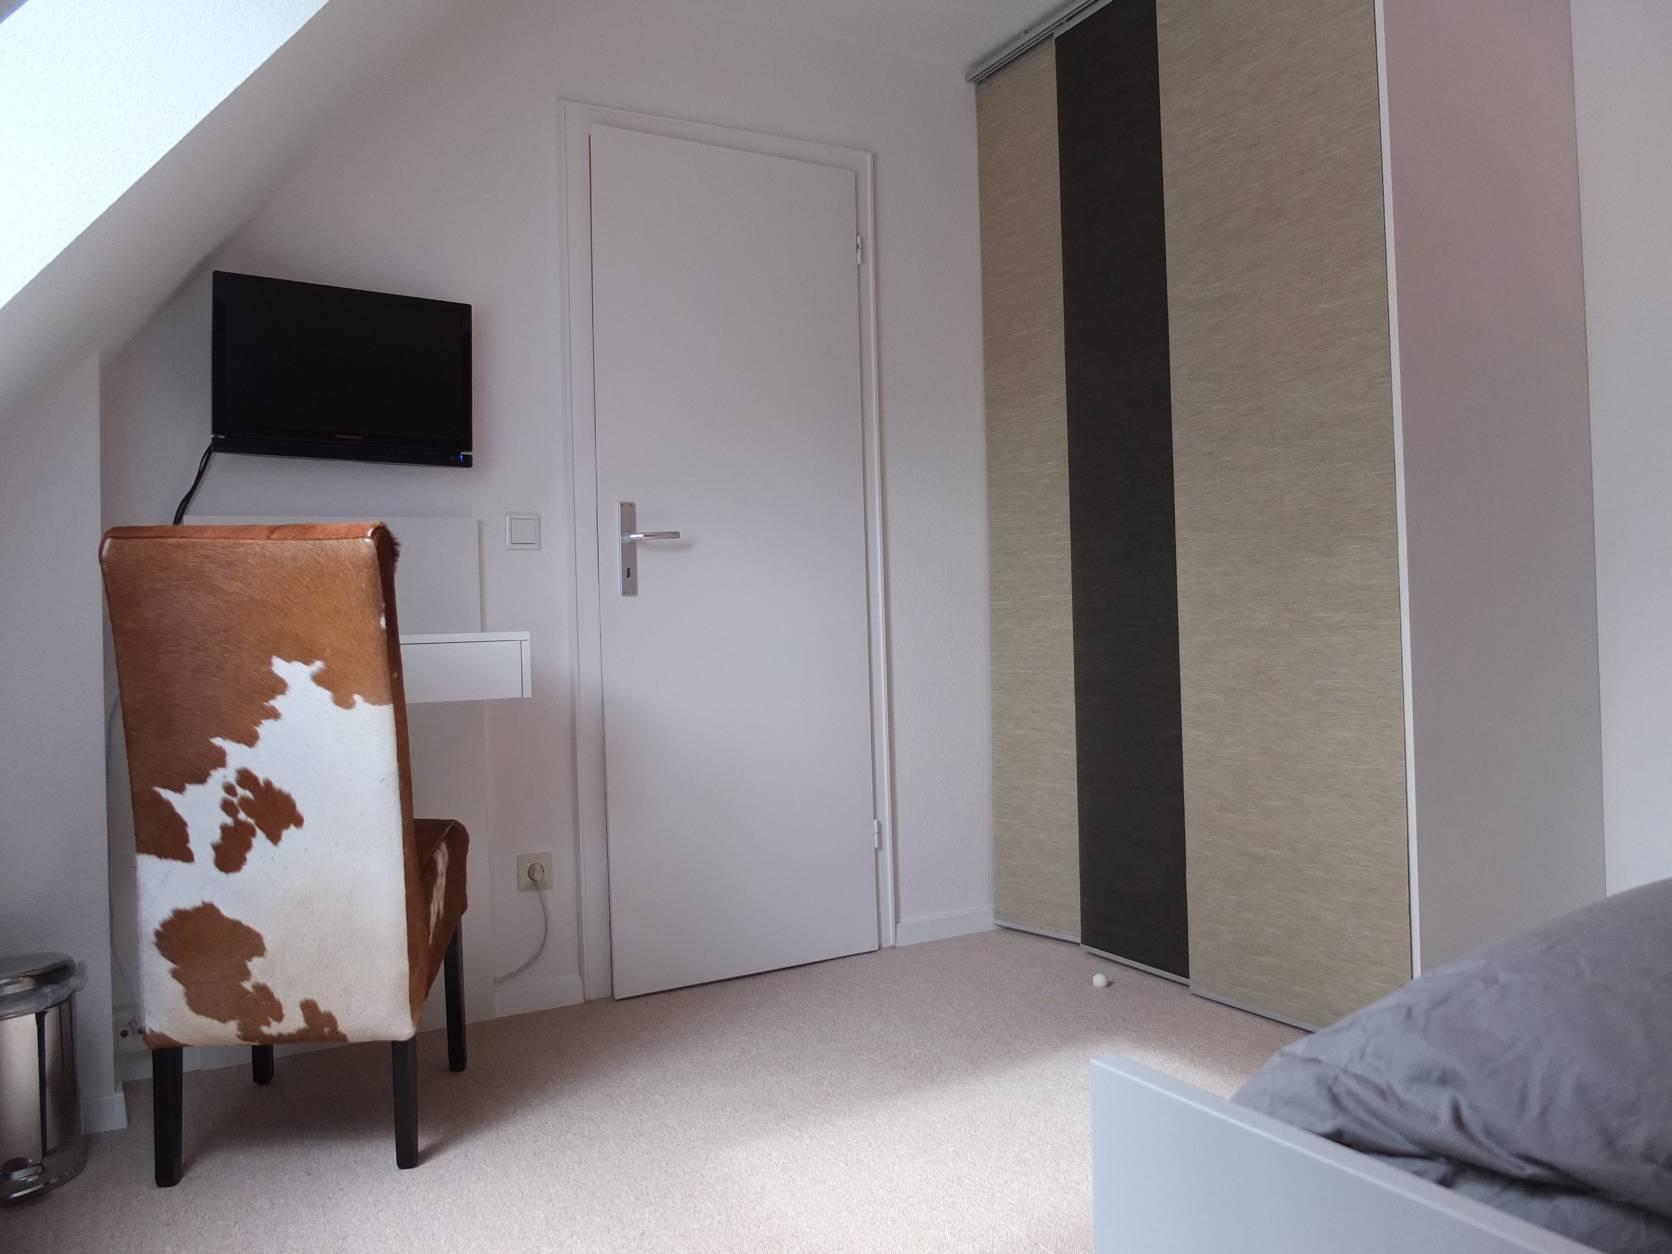 Klettergerüst Zimmer : Das schlafzimmer b zimmer und preise